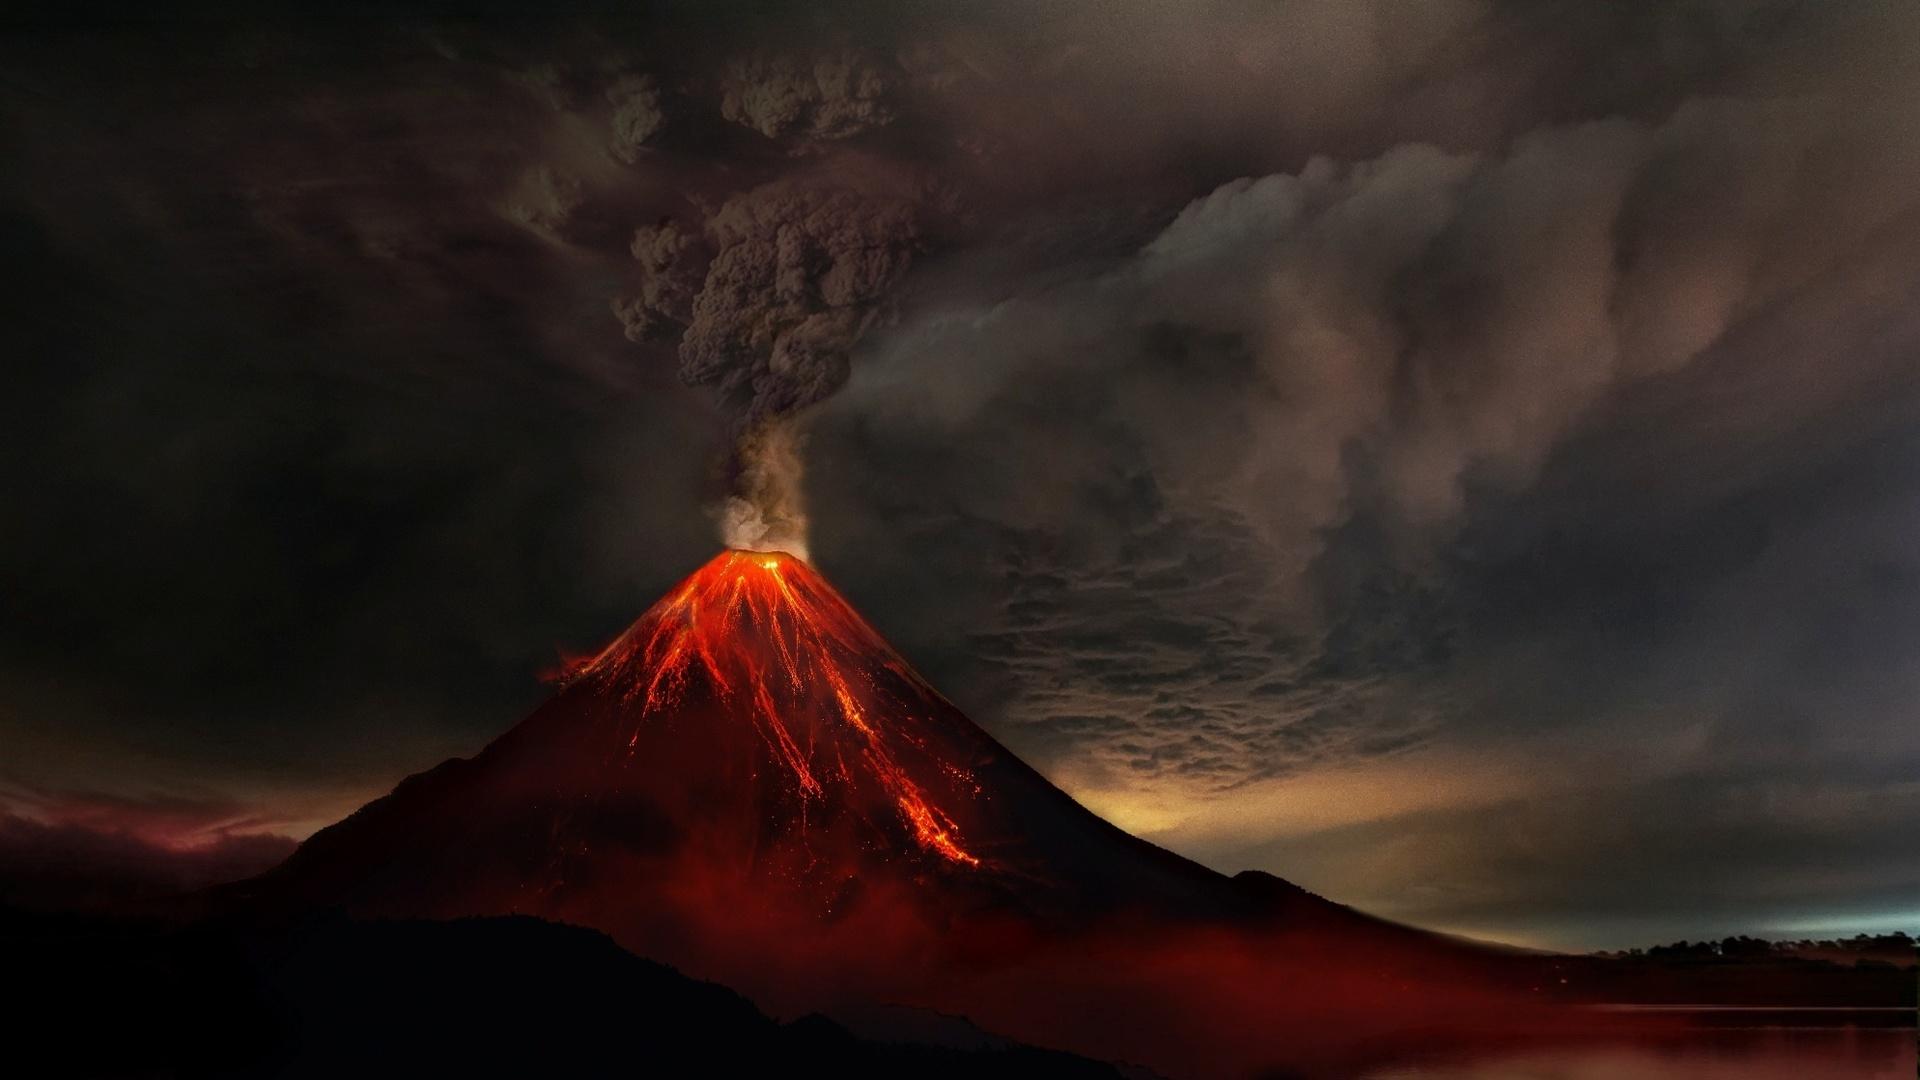 какой вулкан скачать